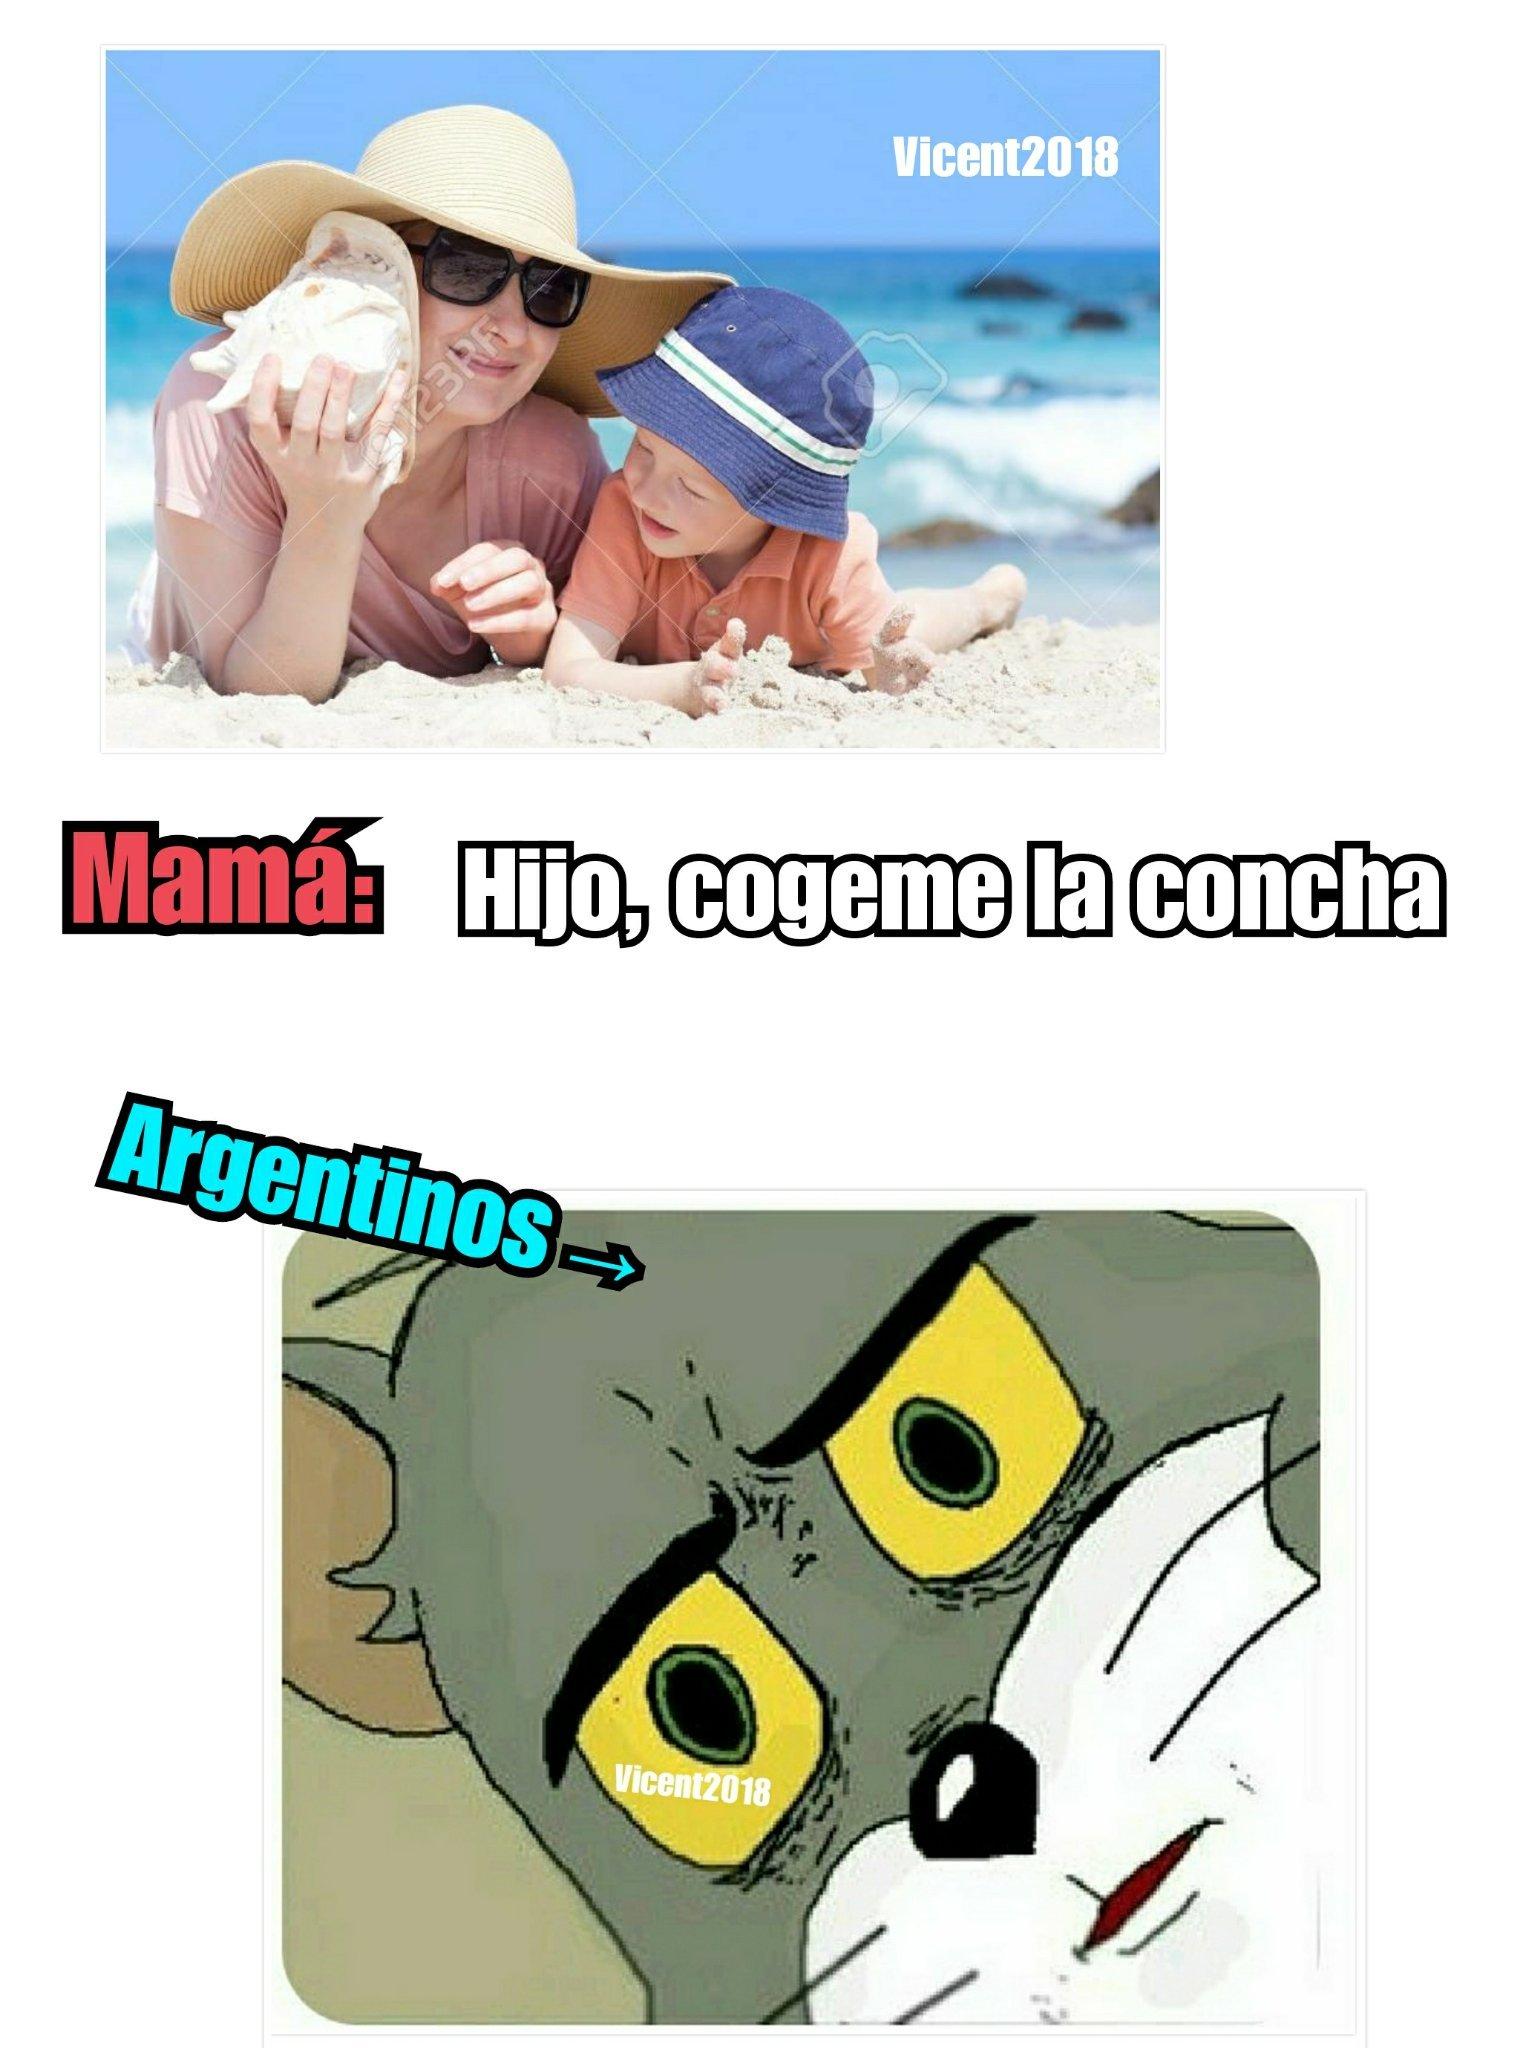 Gran part de Sudamérica (coger→acto sexual) - meme